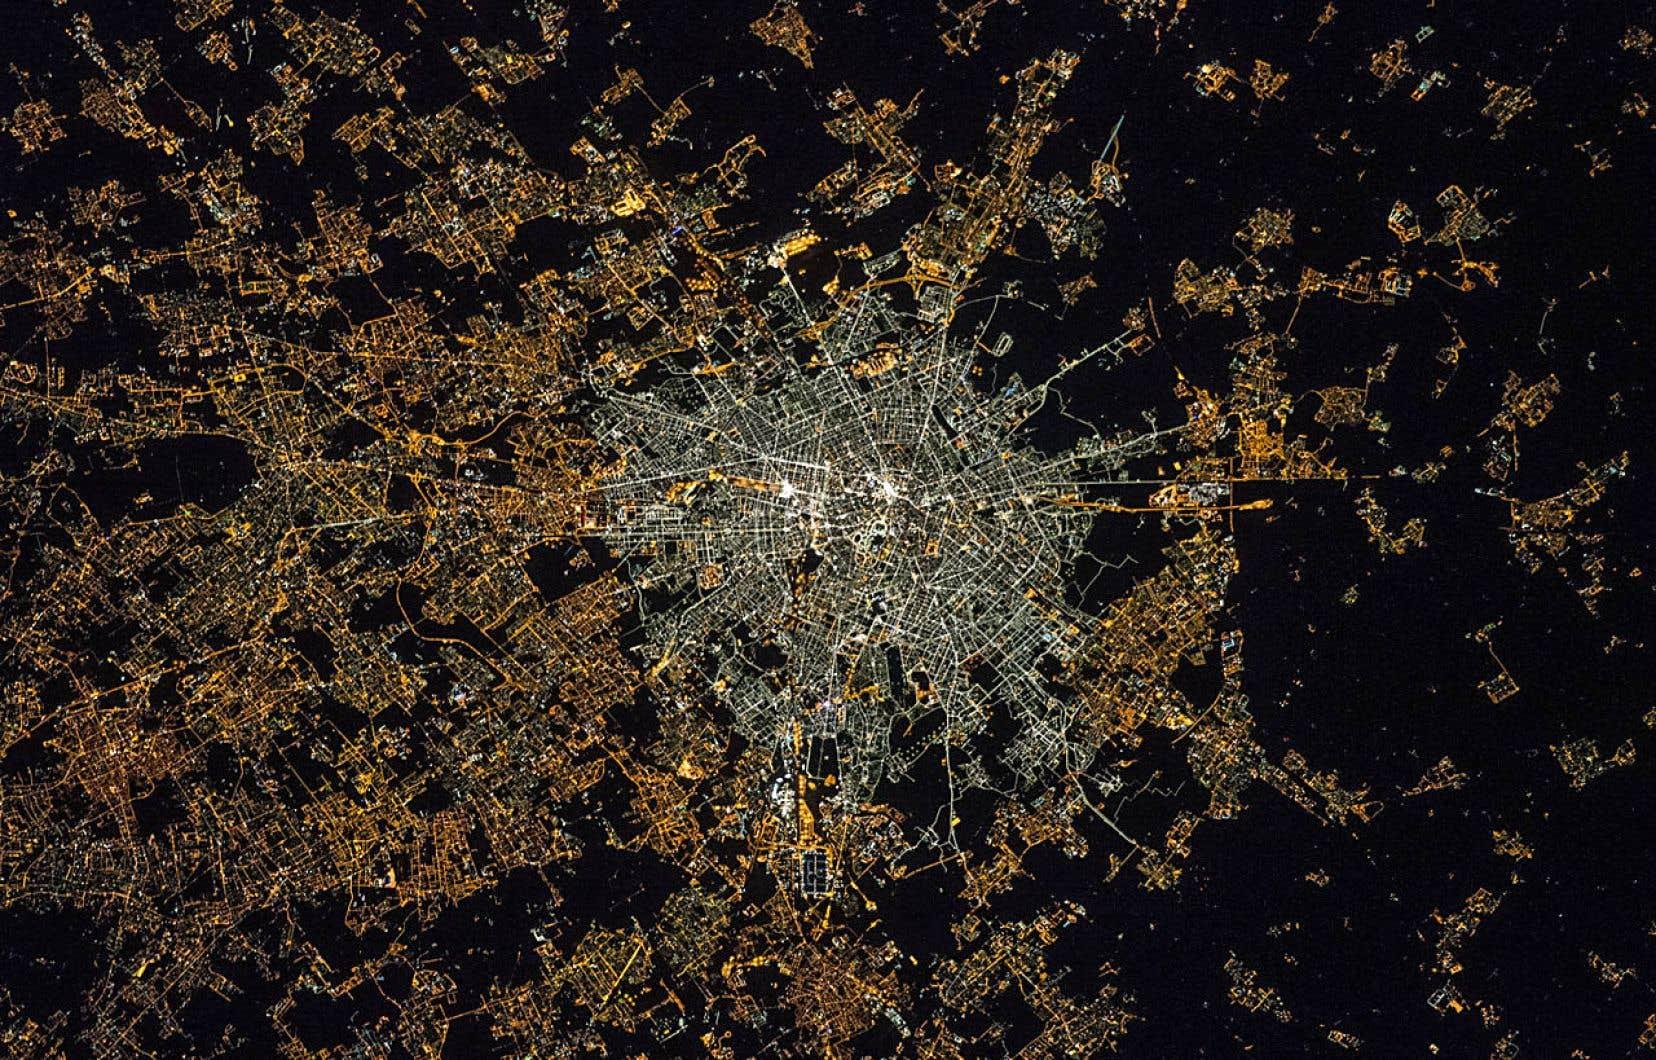 Une photo aérienne de la région de Milan, en Italie, prise en 2015 de la station orbitale internationale, montre la différence de couleur entre la lumière blanche des lampadaires DEL de la ville et celle jaunâtre de l'éclairage traditionnel au sodium toujours en usage dans les banlieues.